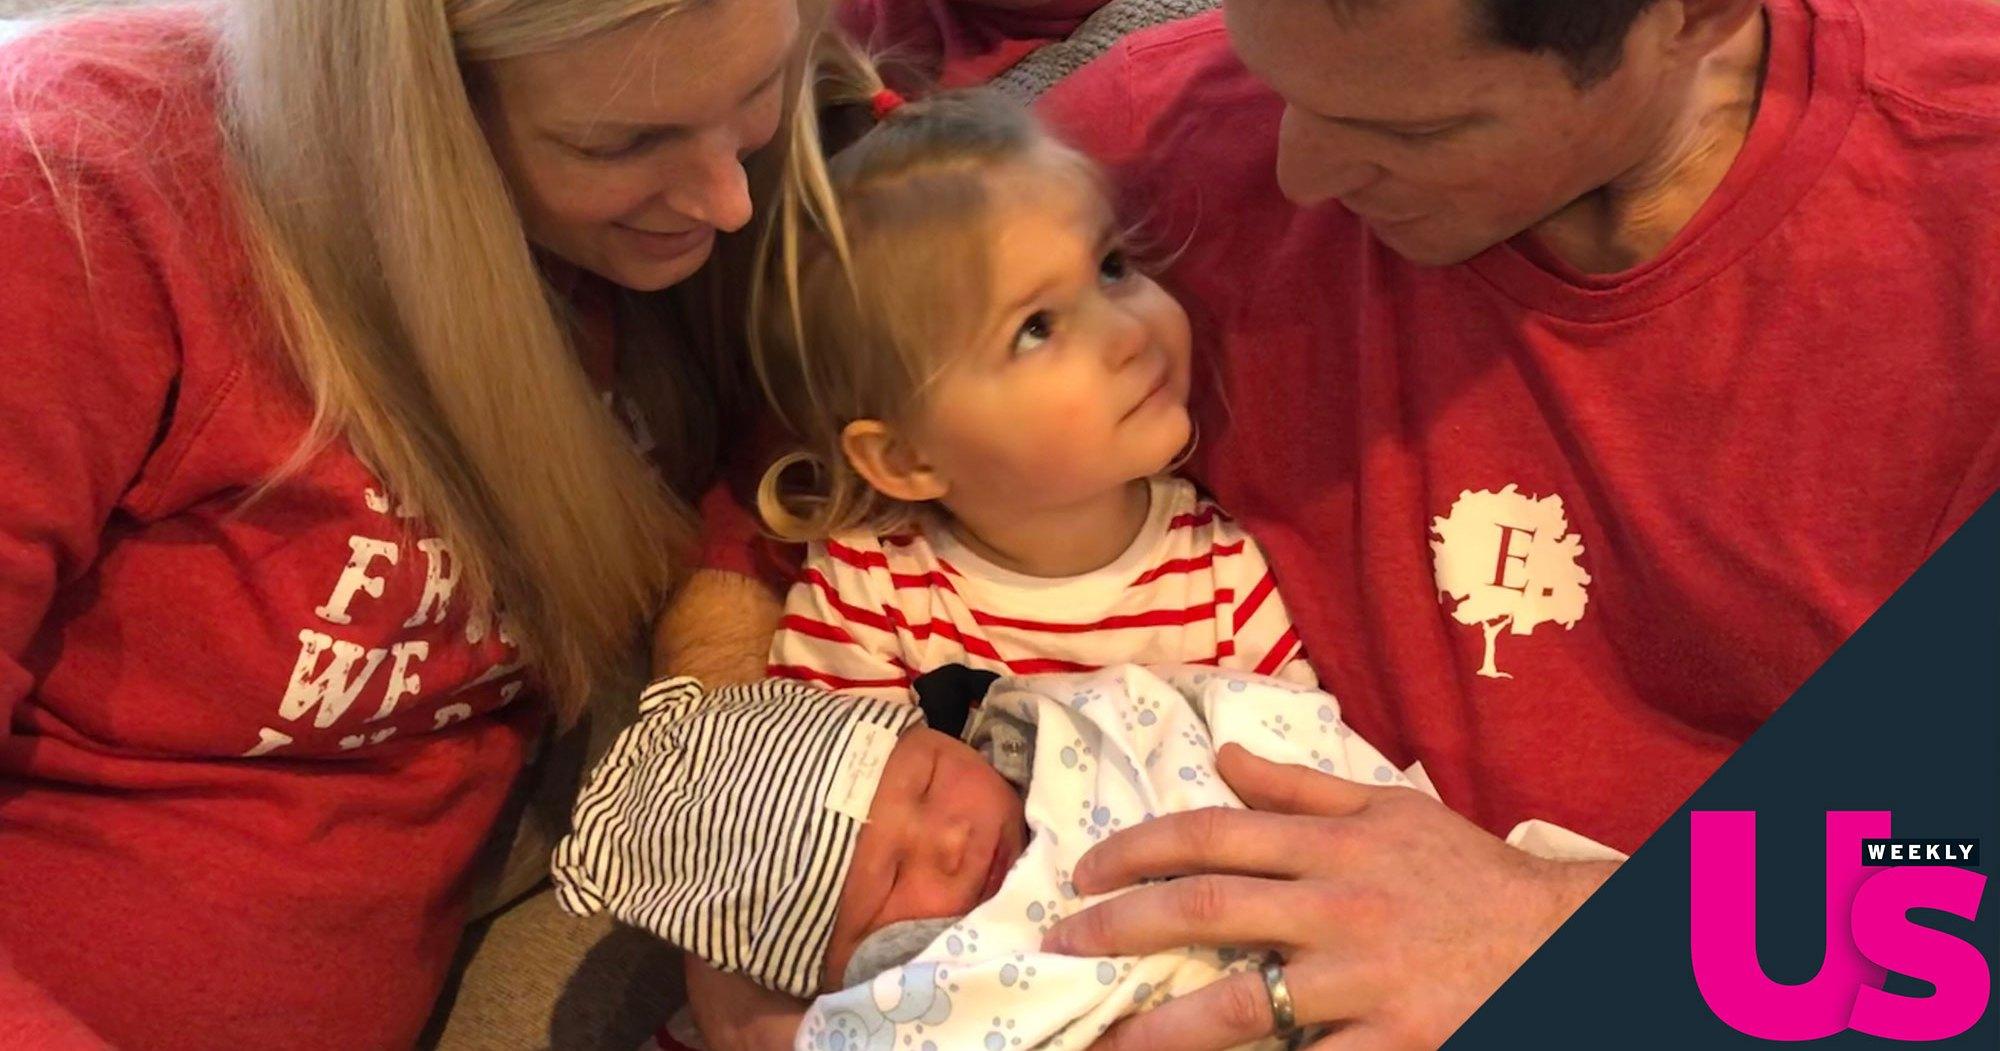 'Bachelor' Alum Peyton Lambton Gives Birth to Second Child With Husband Chris